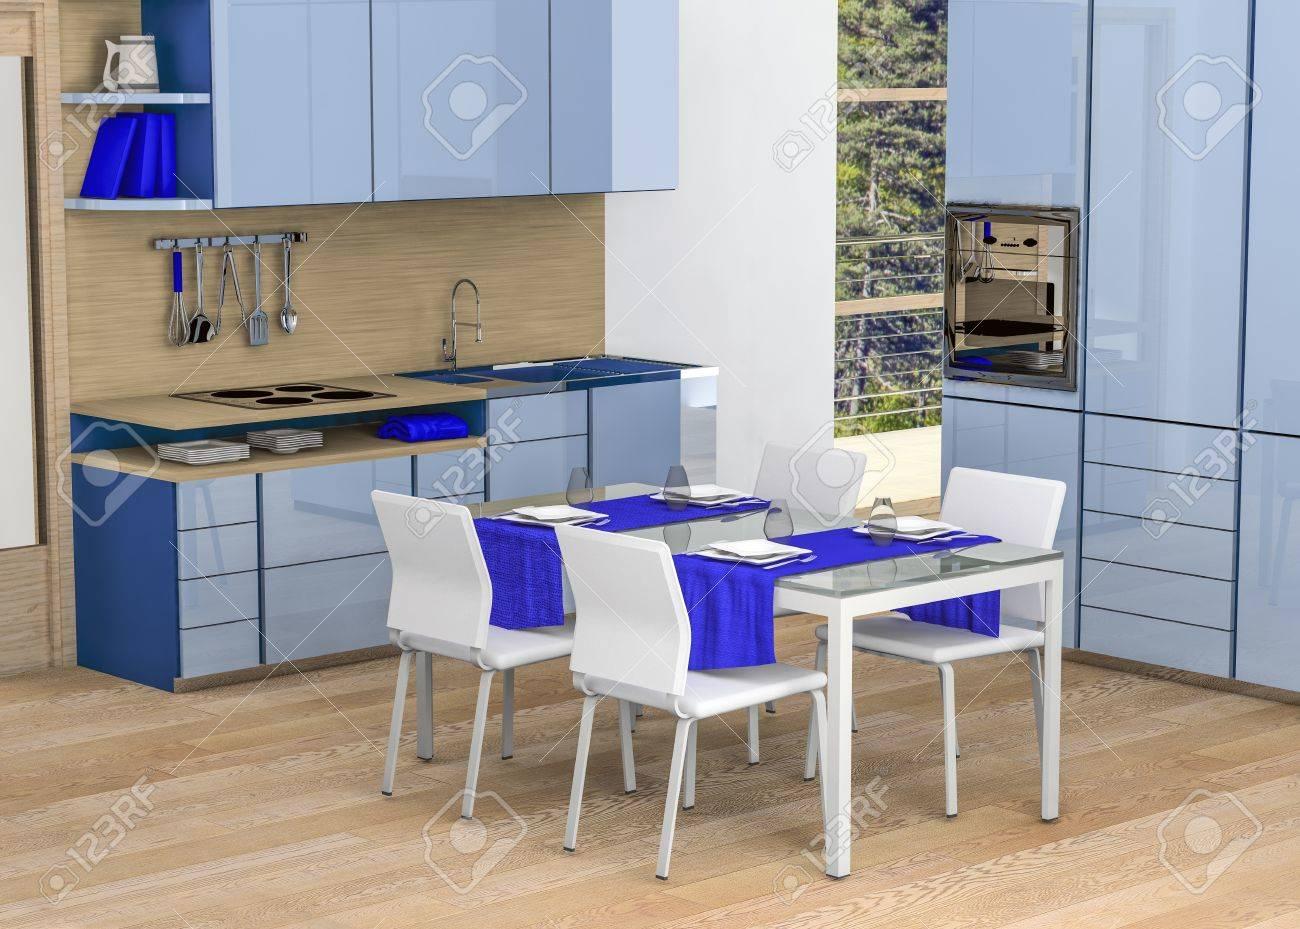 Cucina Moderna Blu.Cucina Moderna In Tonalita Di Blu